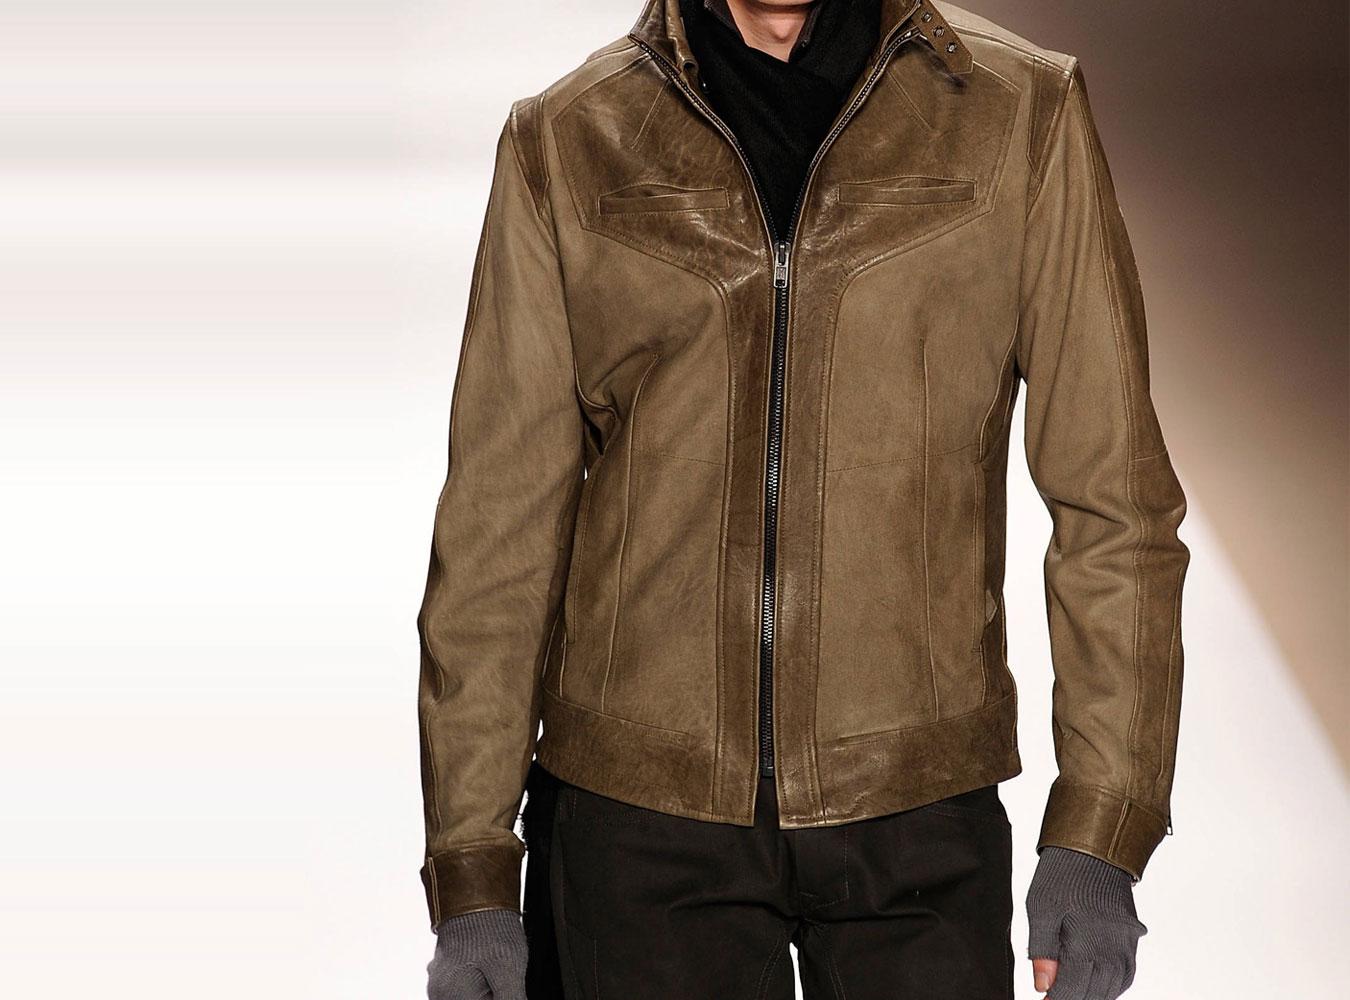 Leather jacket europe - Luxury Fashion Style